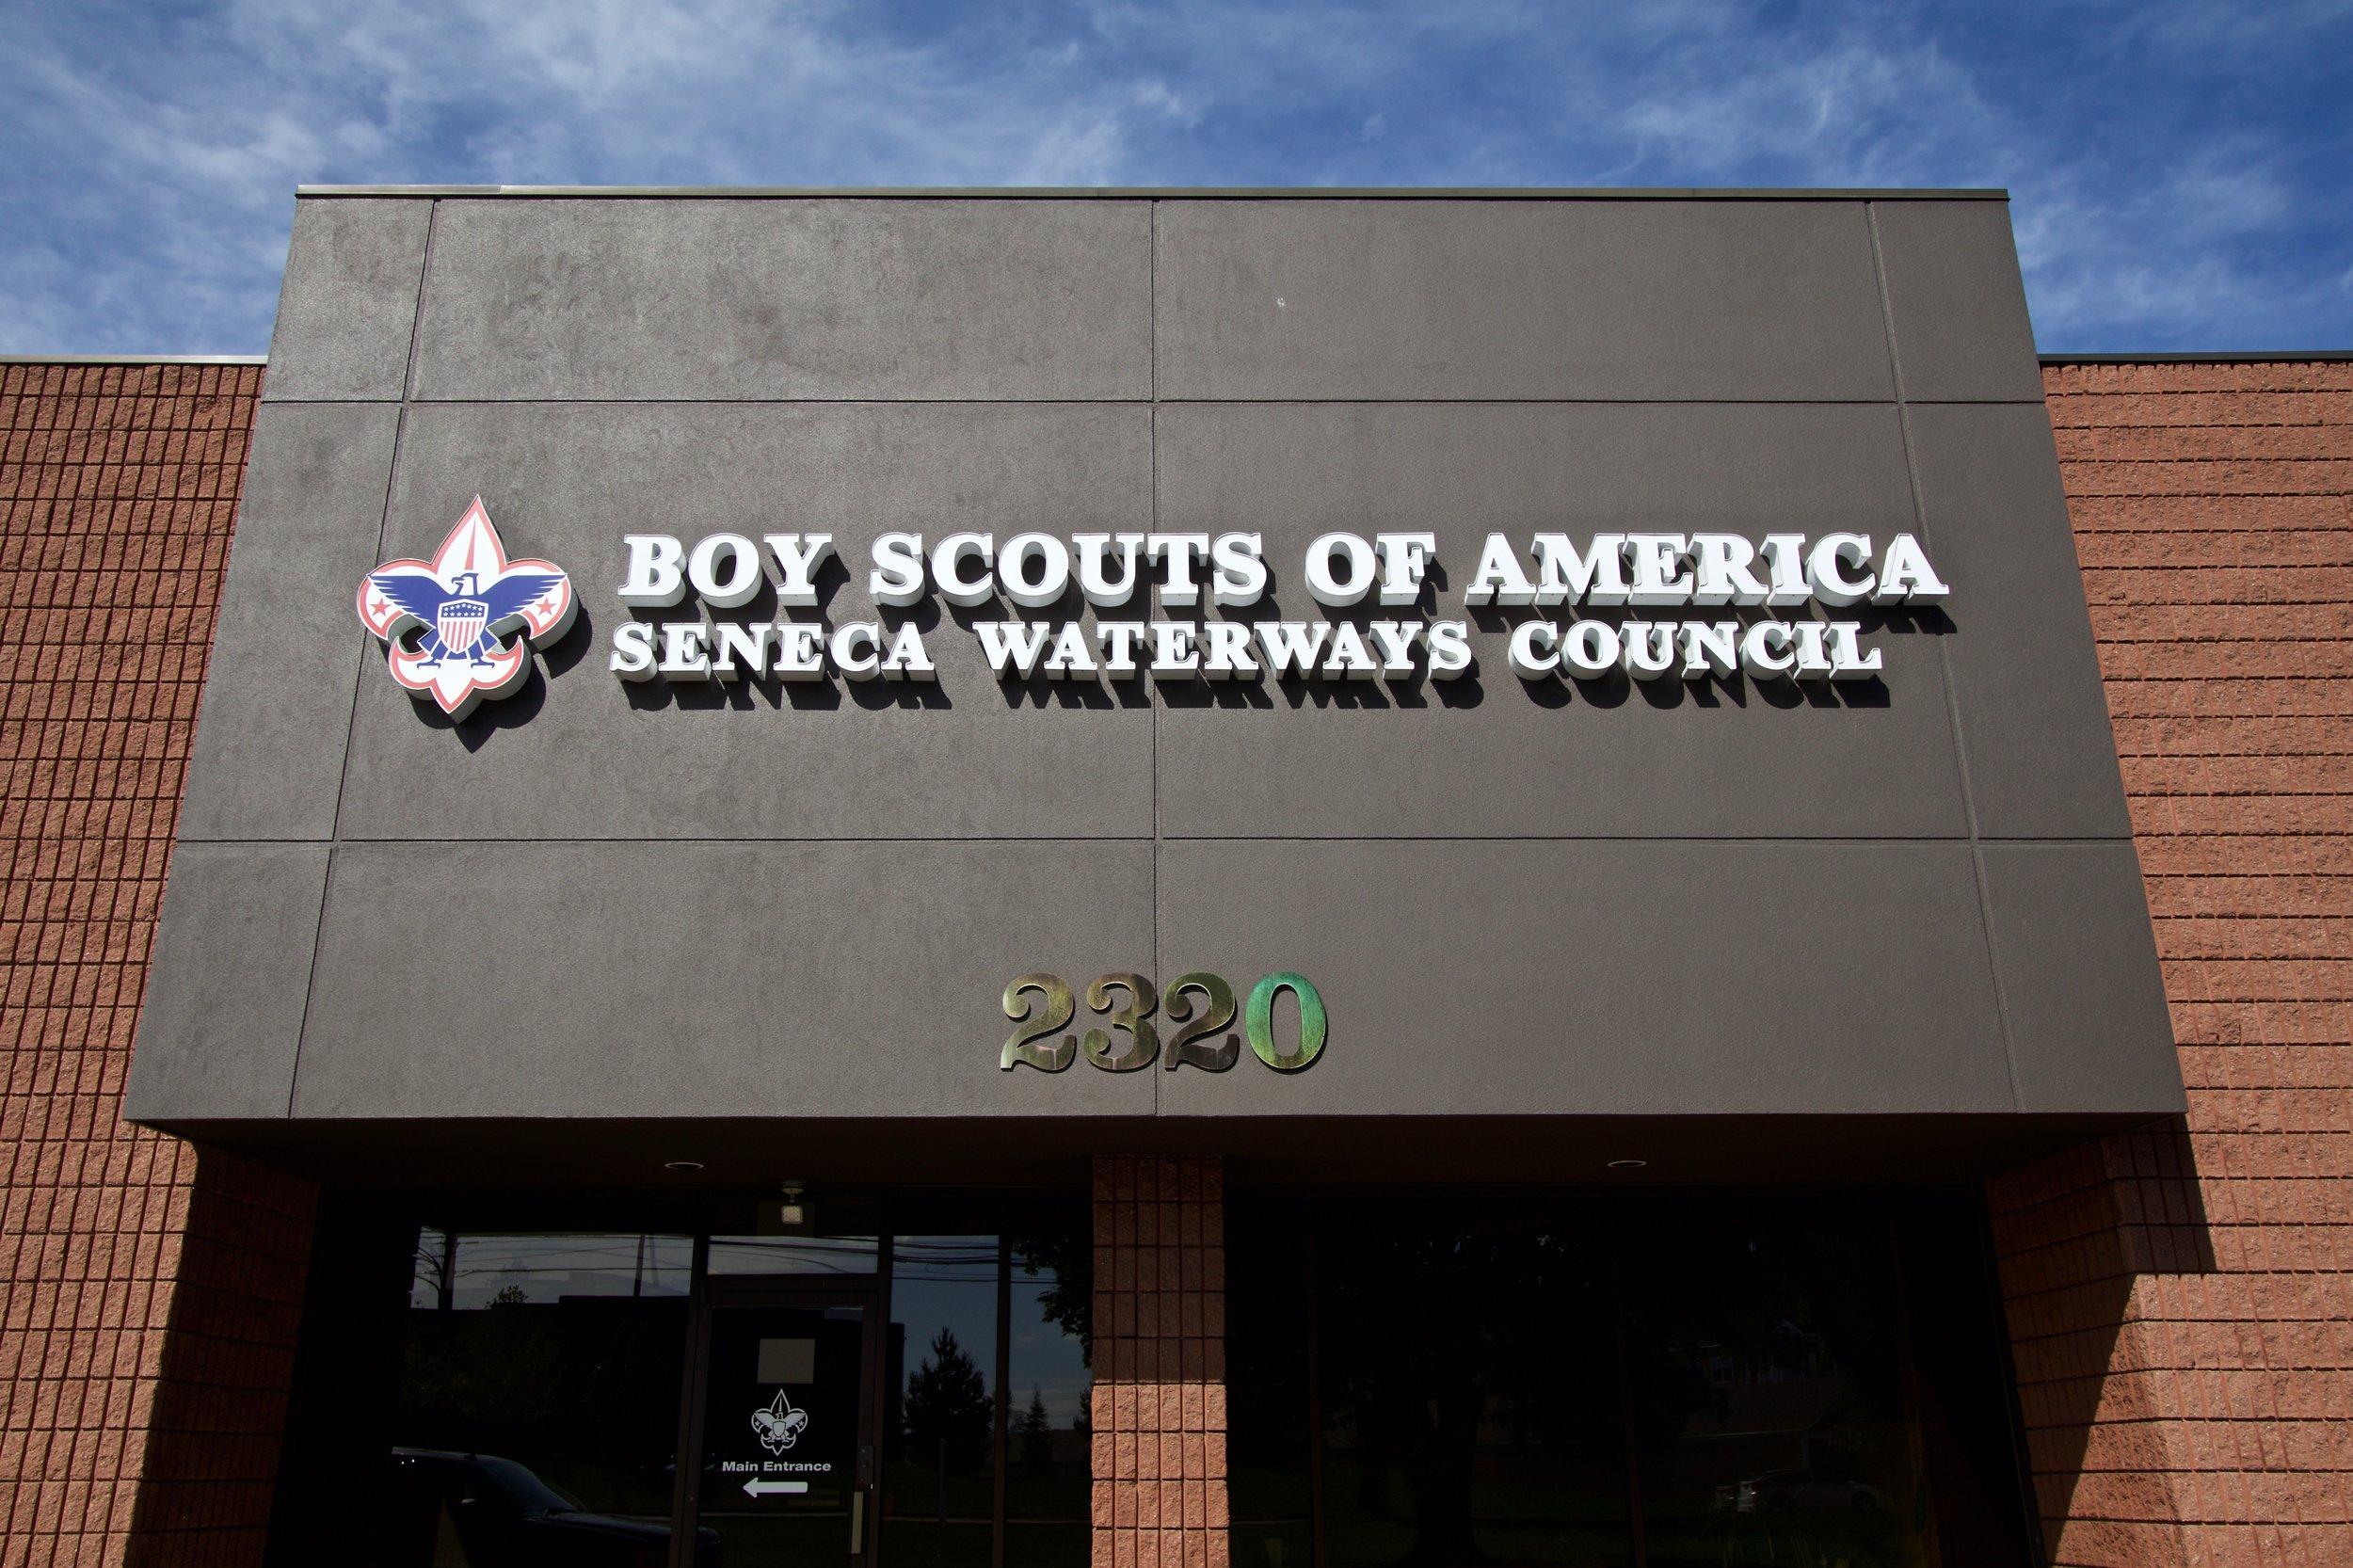 Boy scouts  7.jpg